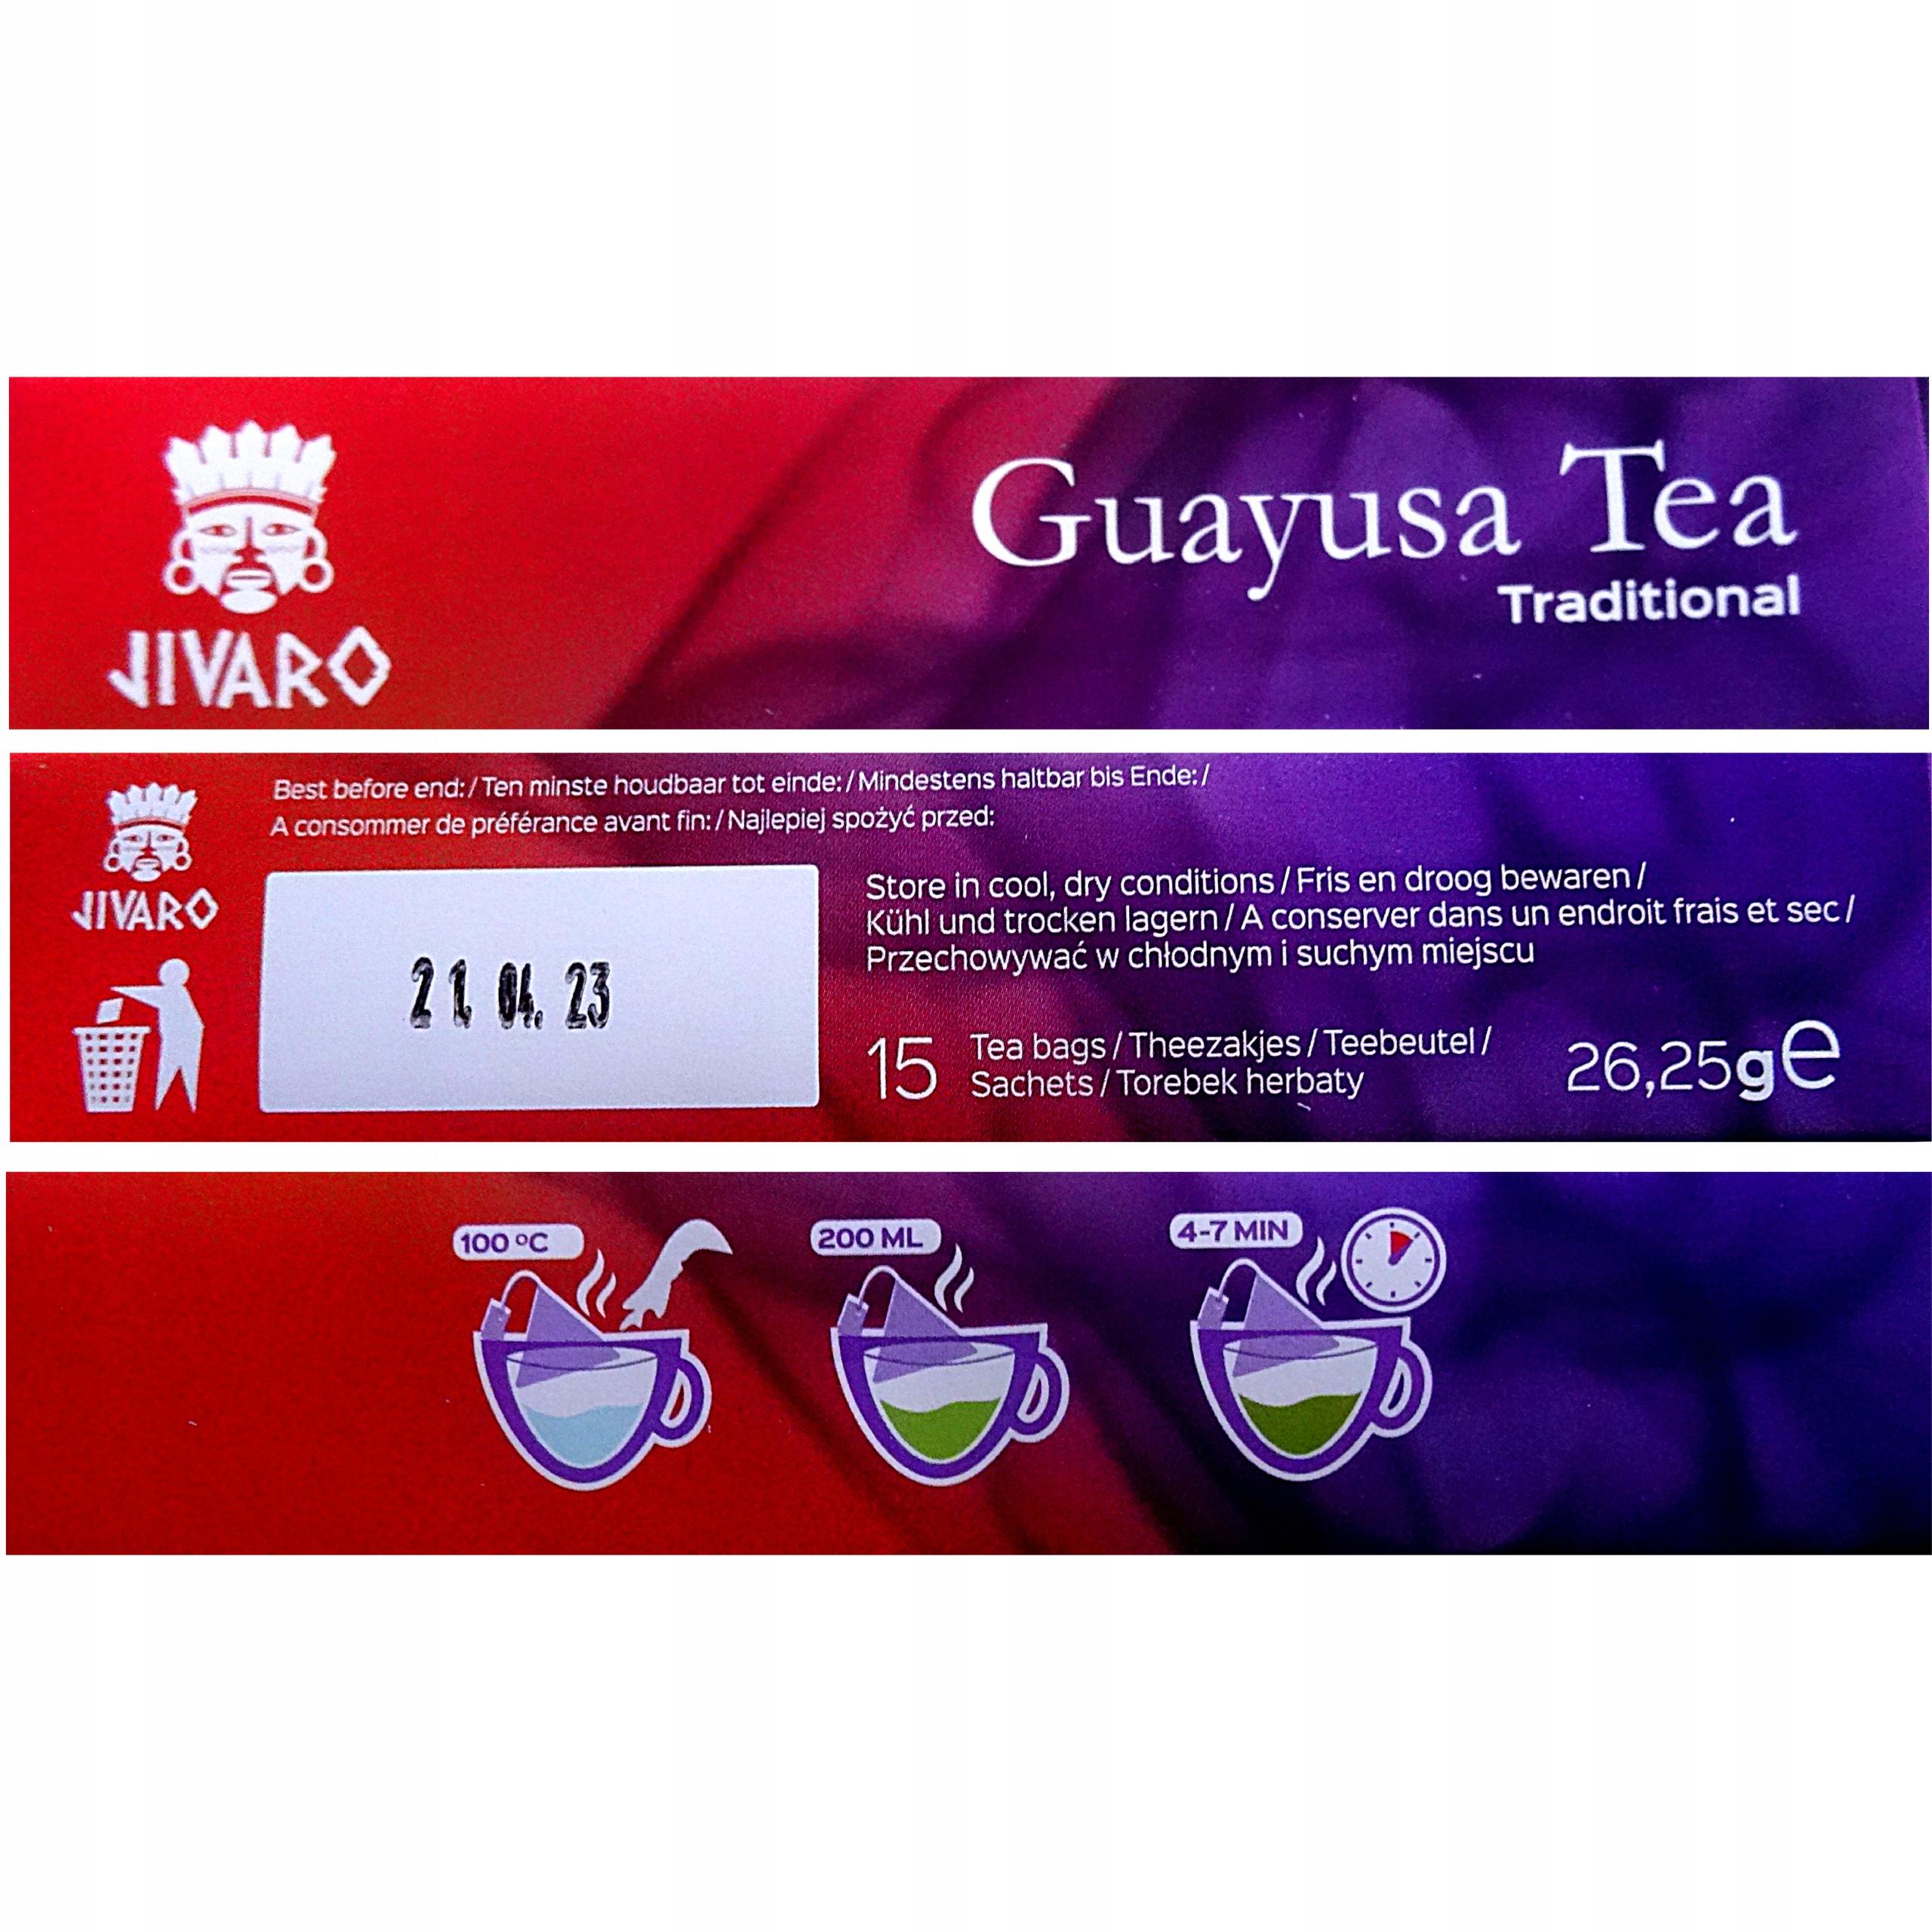 GUAYUSA Herbata JIVARO ZIELONA ENERGIA ENRGIA SLIM Marka Inna marka